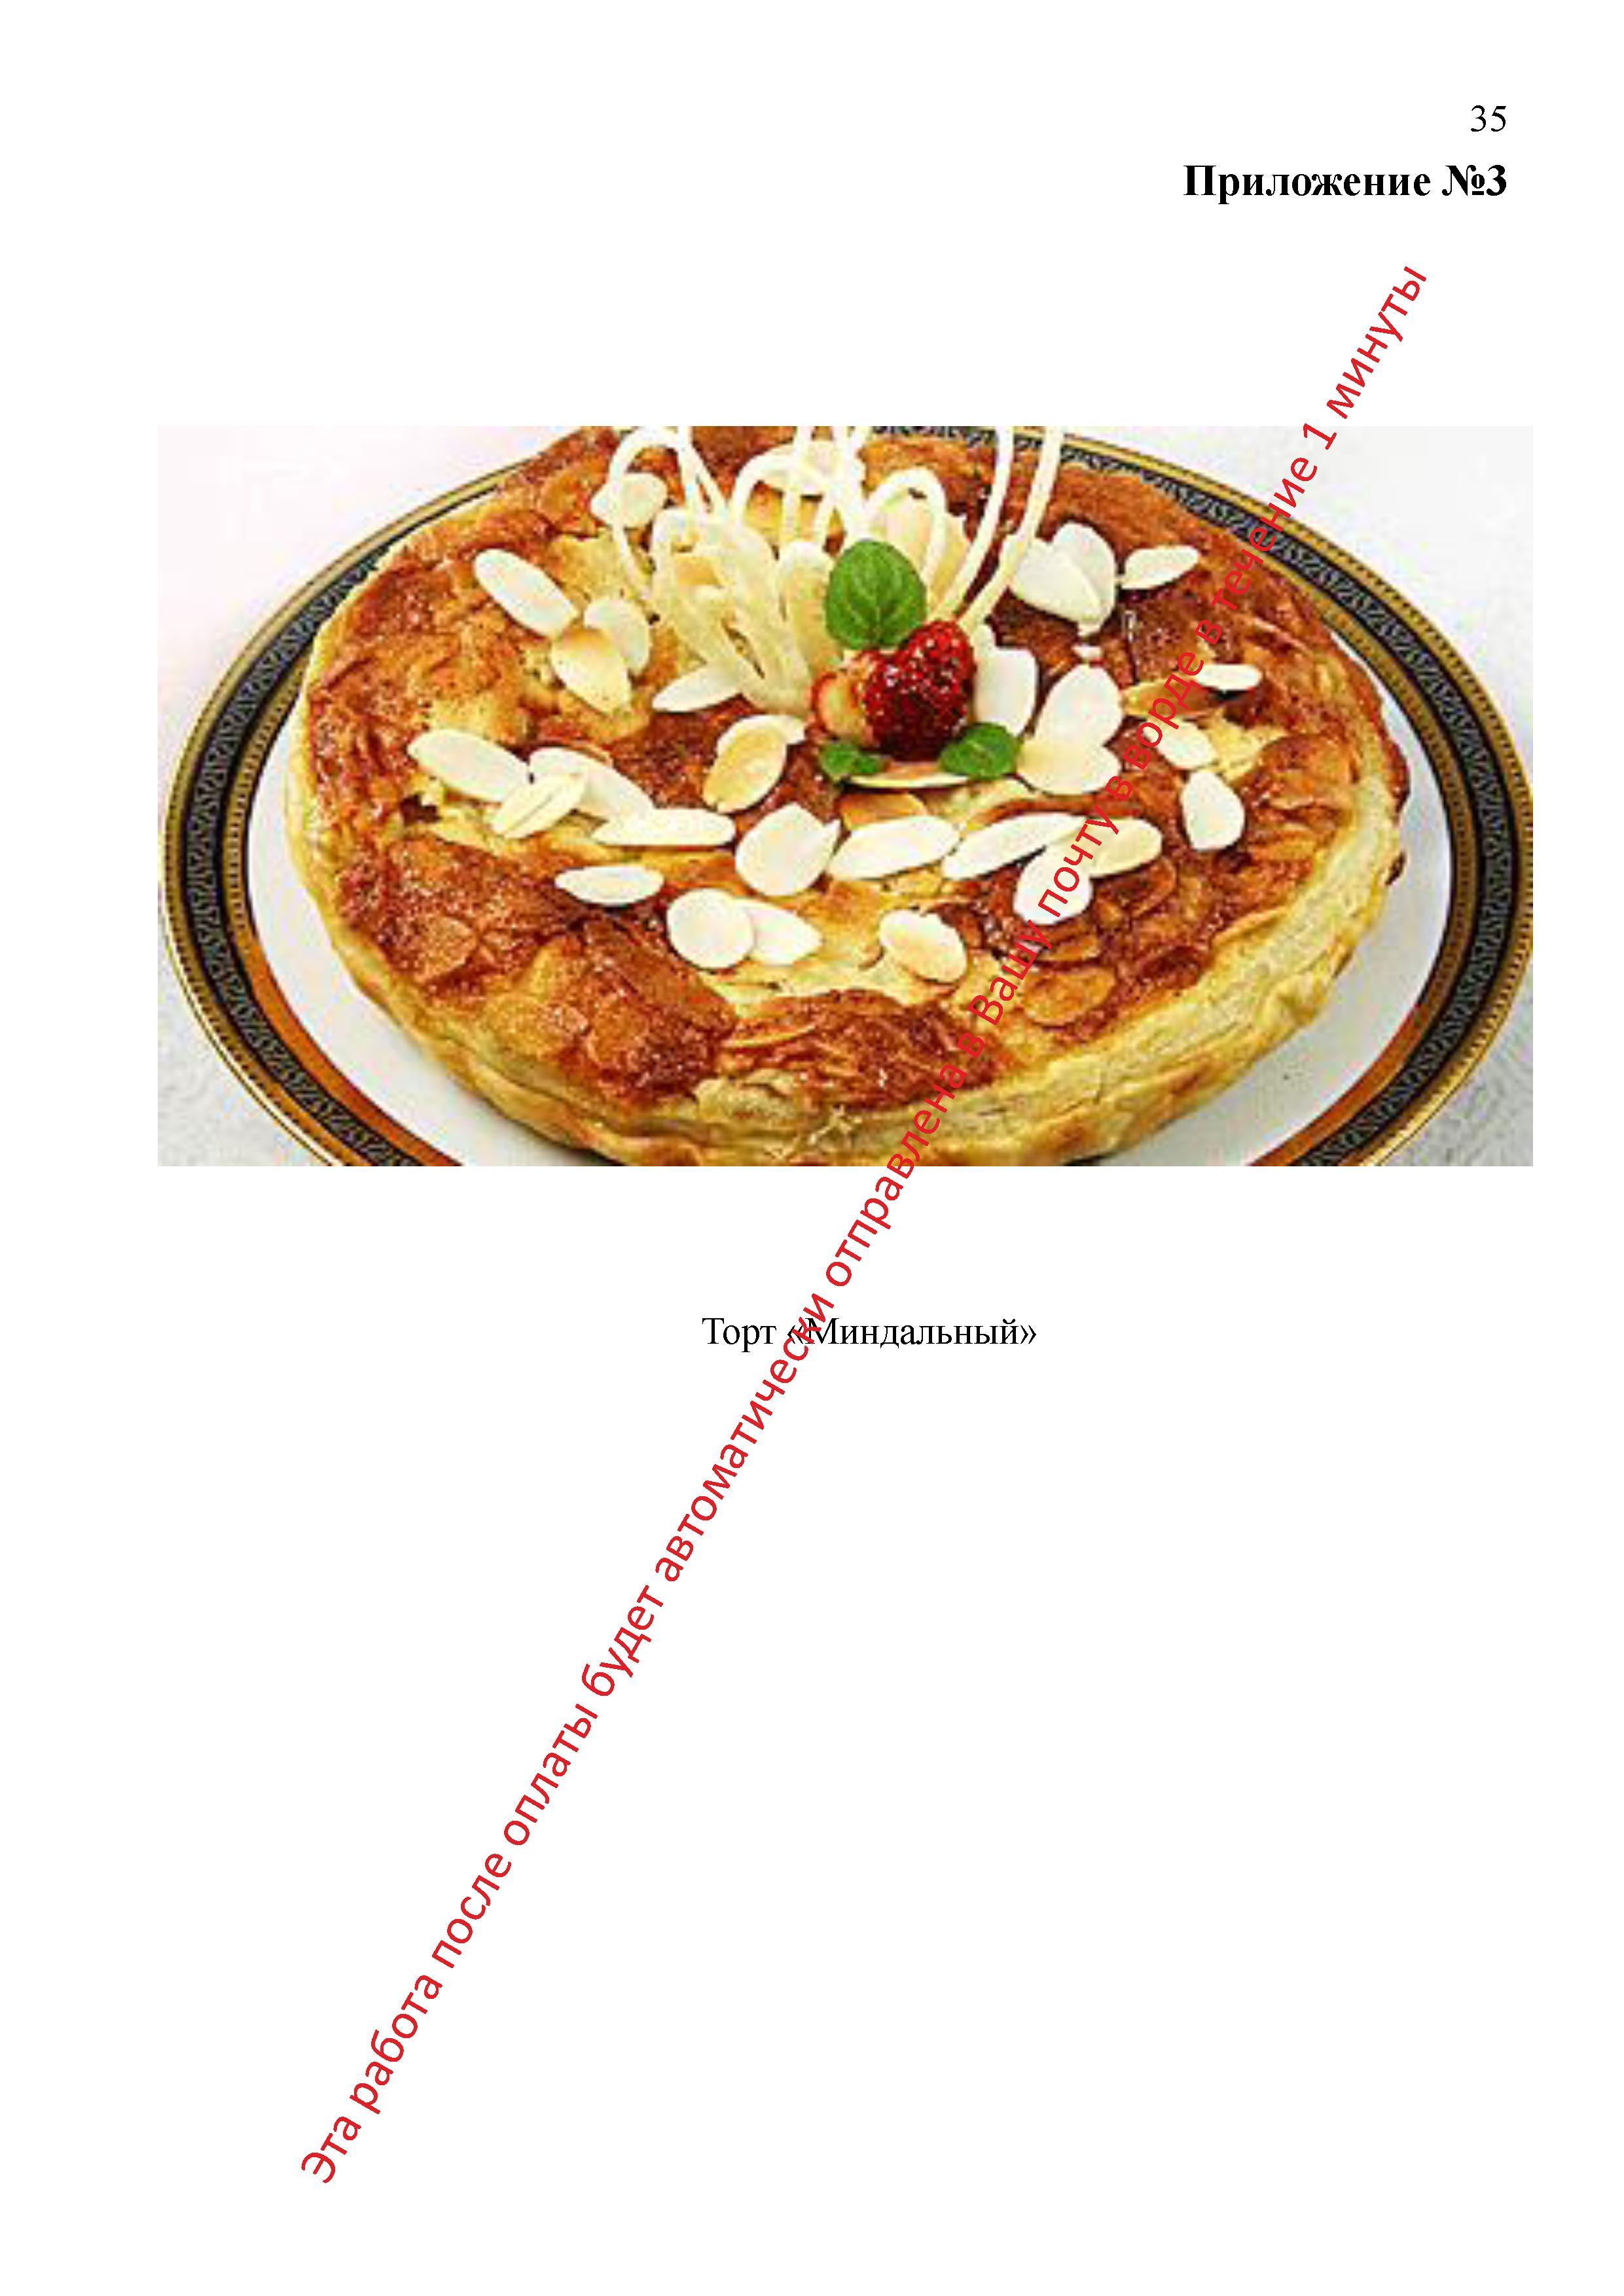 Дипломная работа кулинар кондитер Зразы мясные рубленные и кондитерское изделие торт